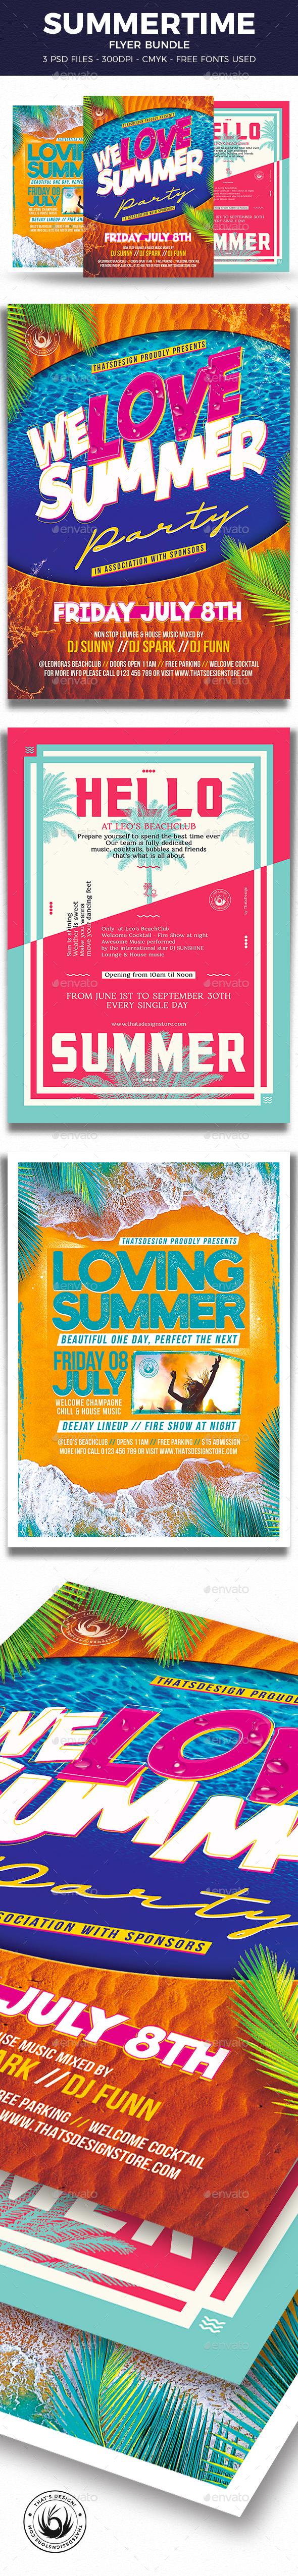 Summertime Flyer Bundle V3